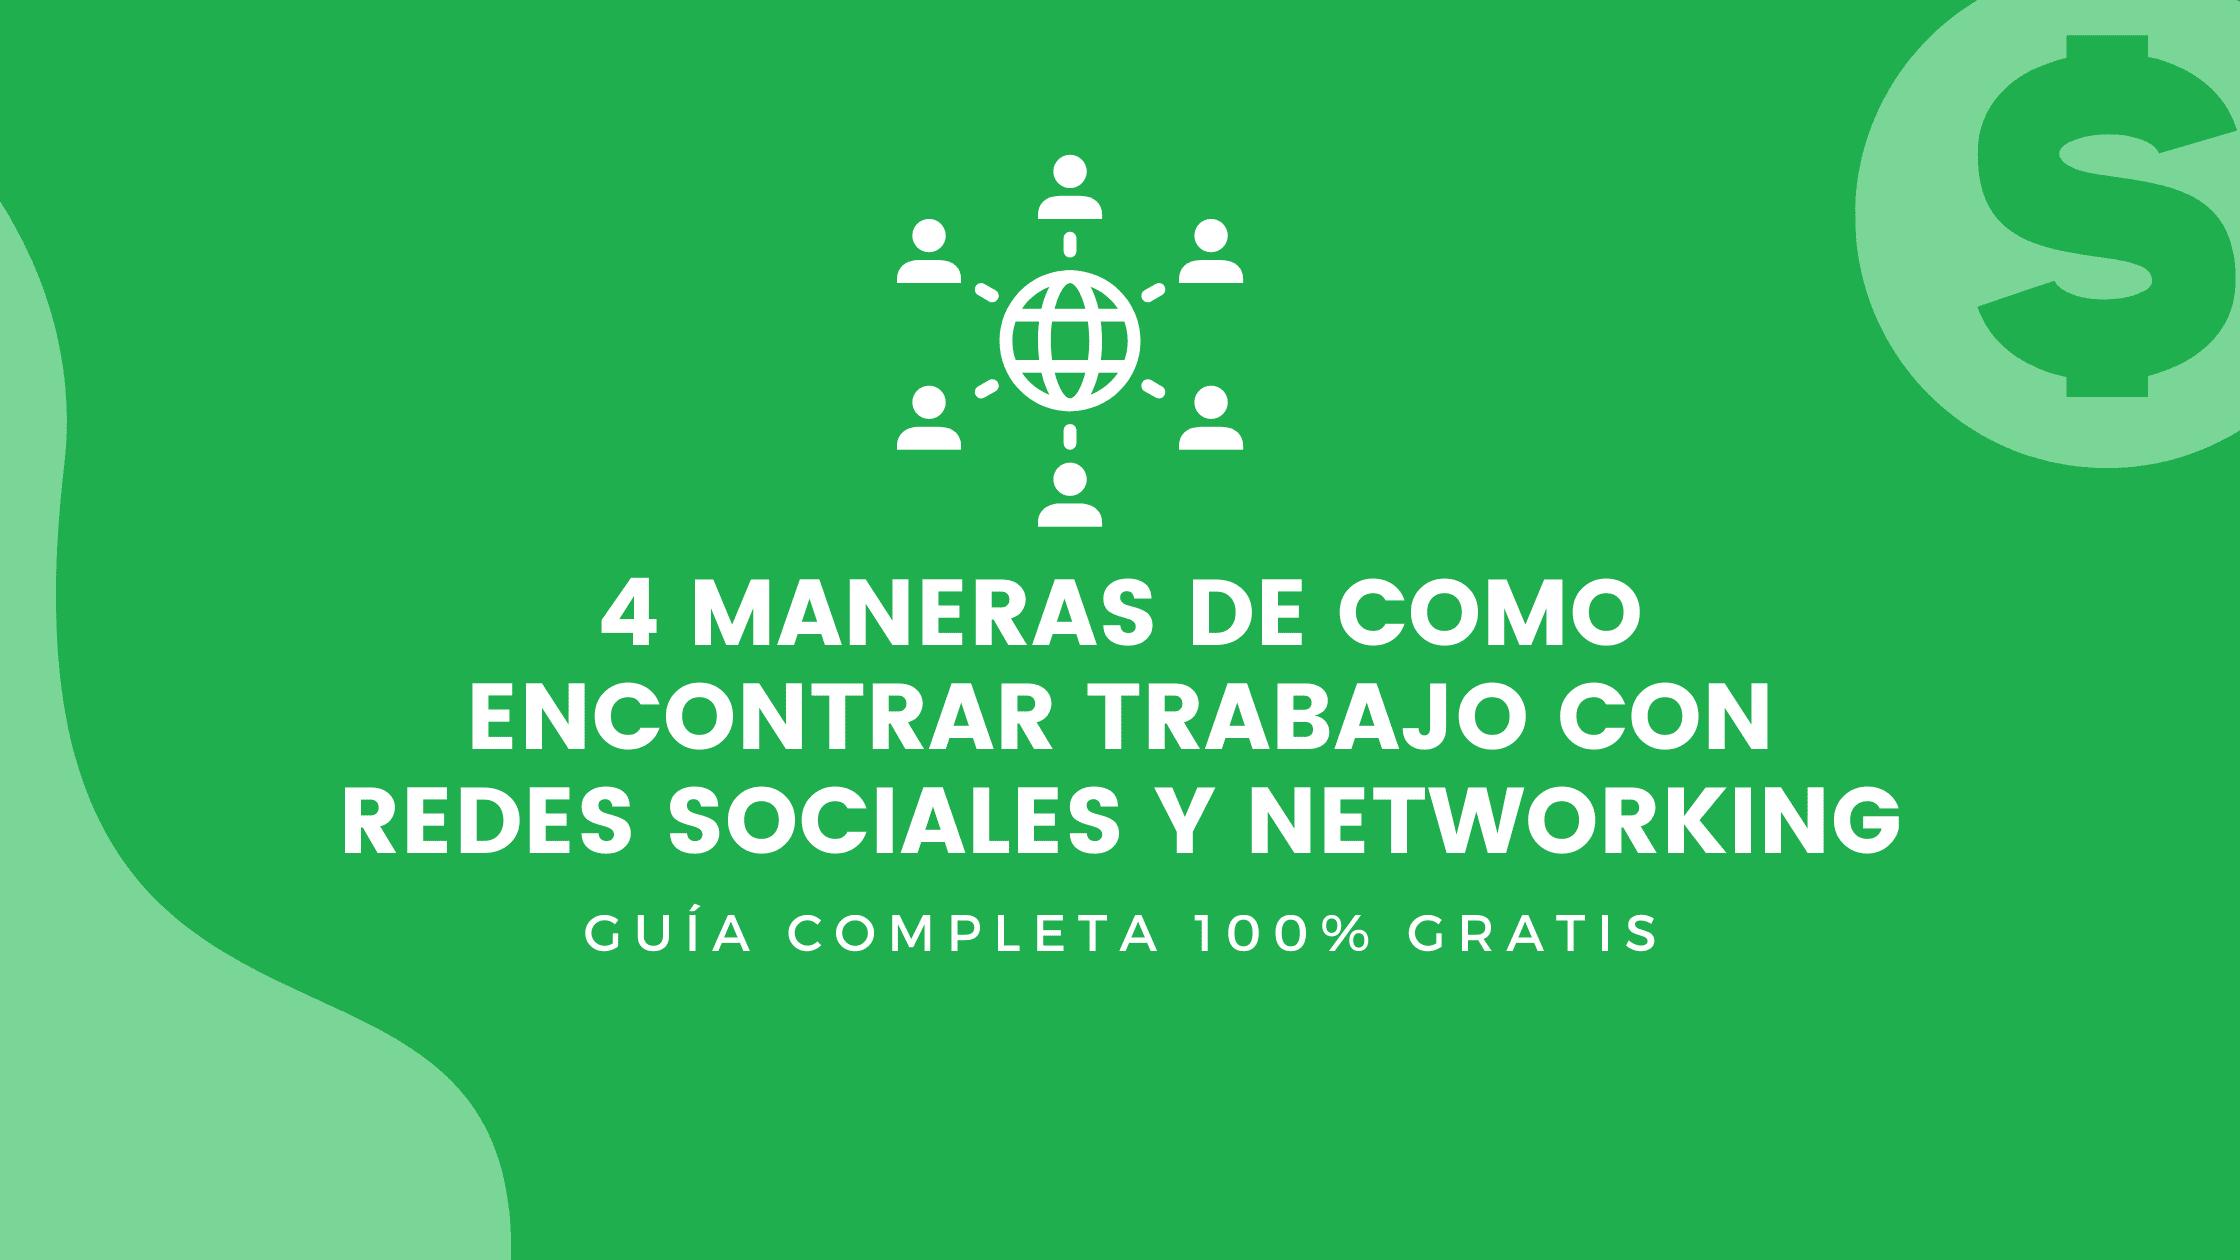 como encontrar trabajo con redes sociales y networking